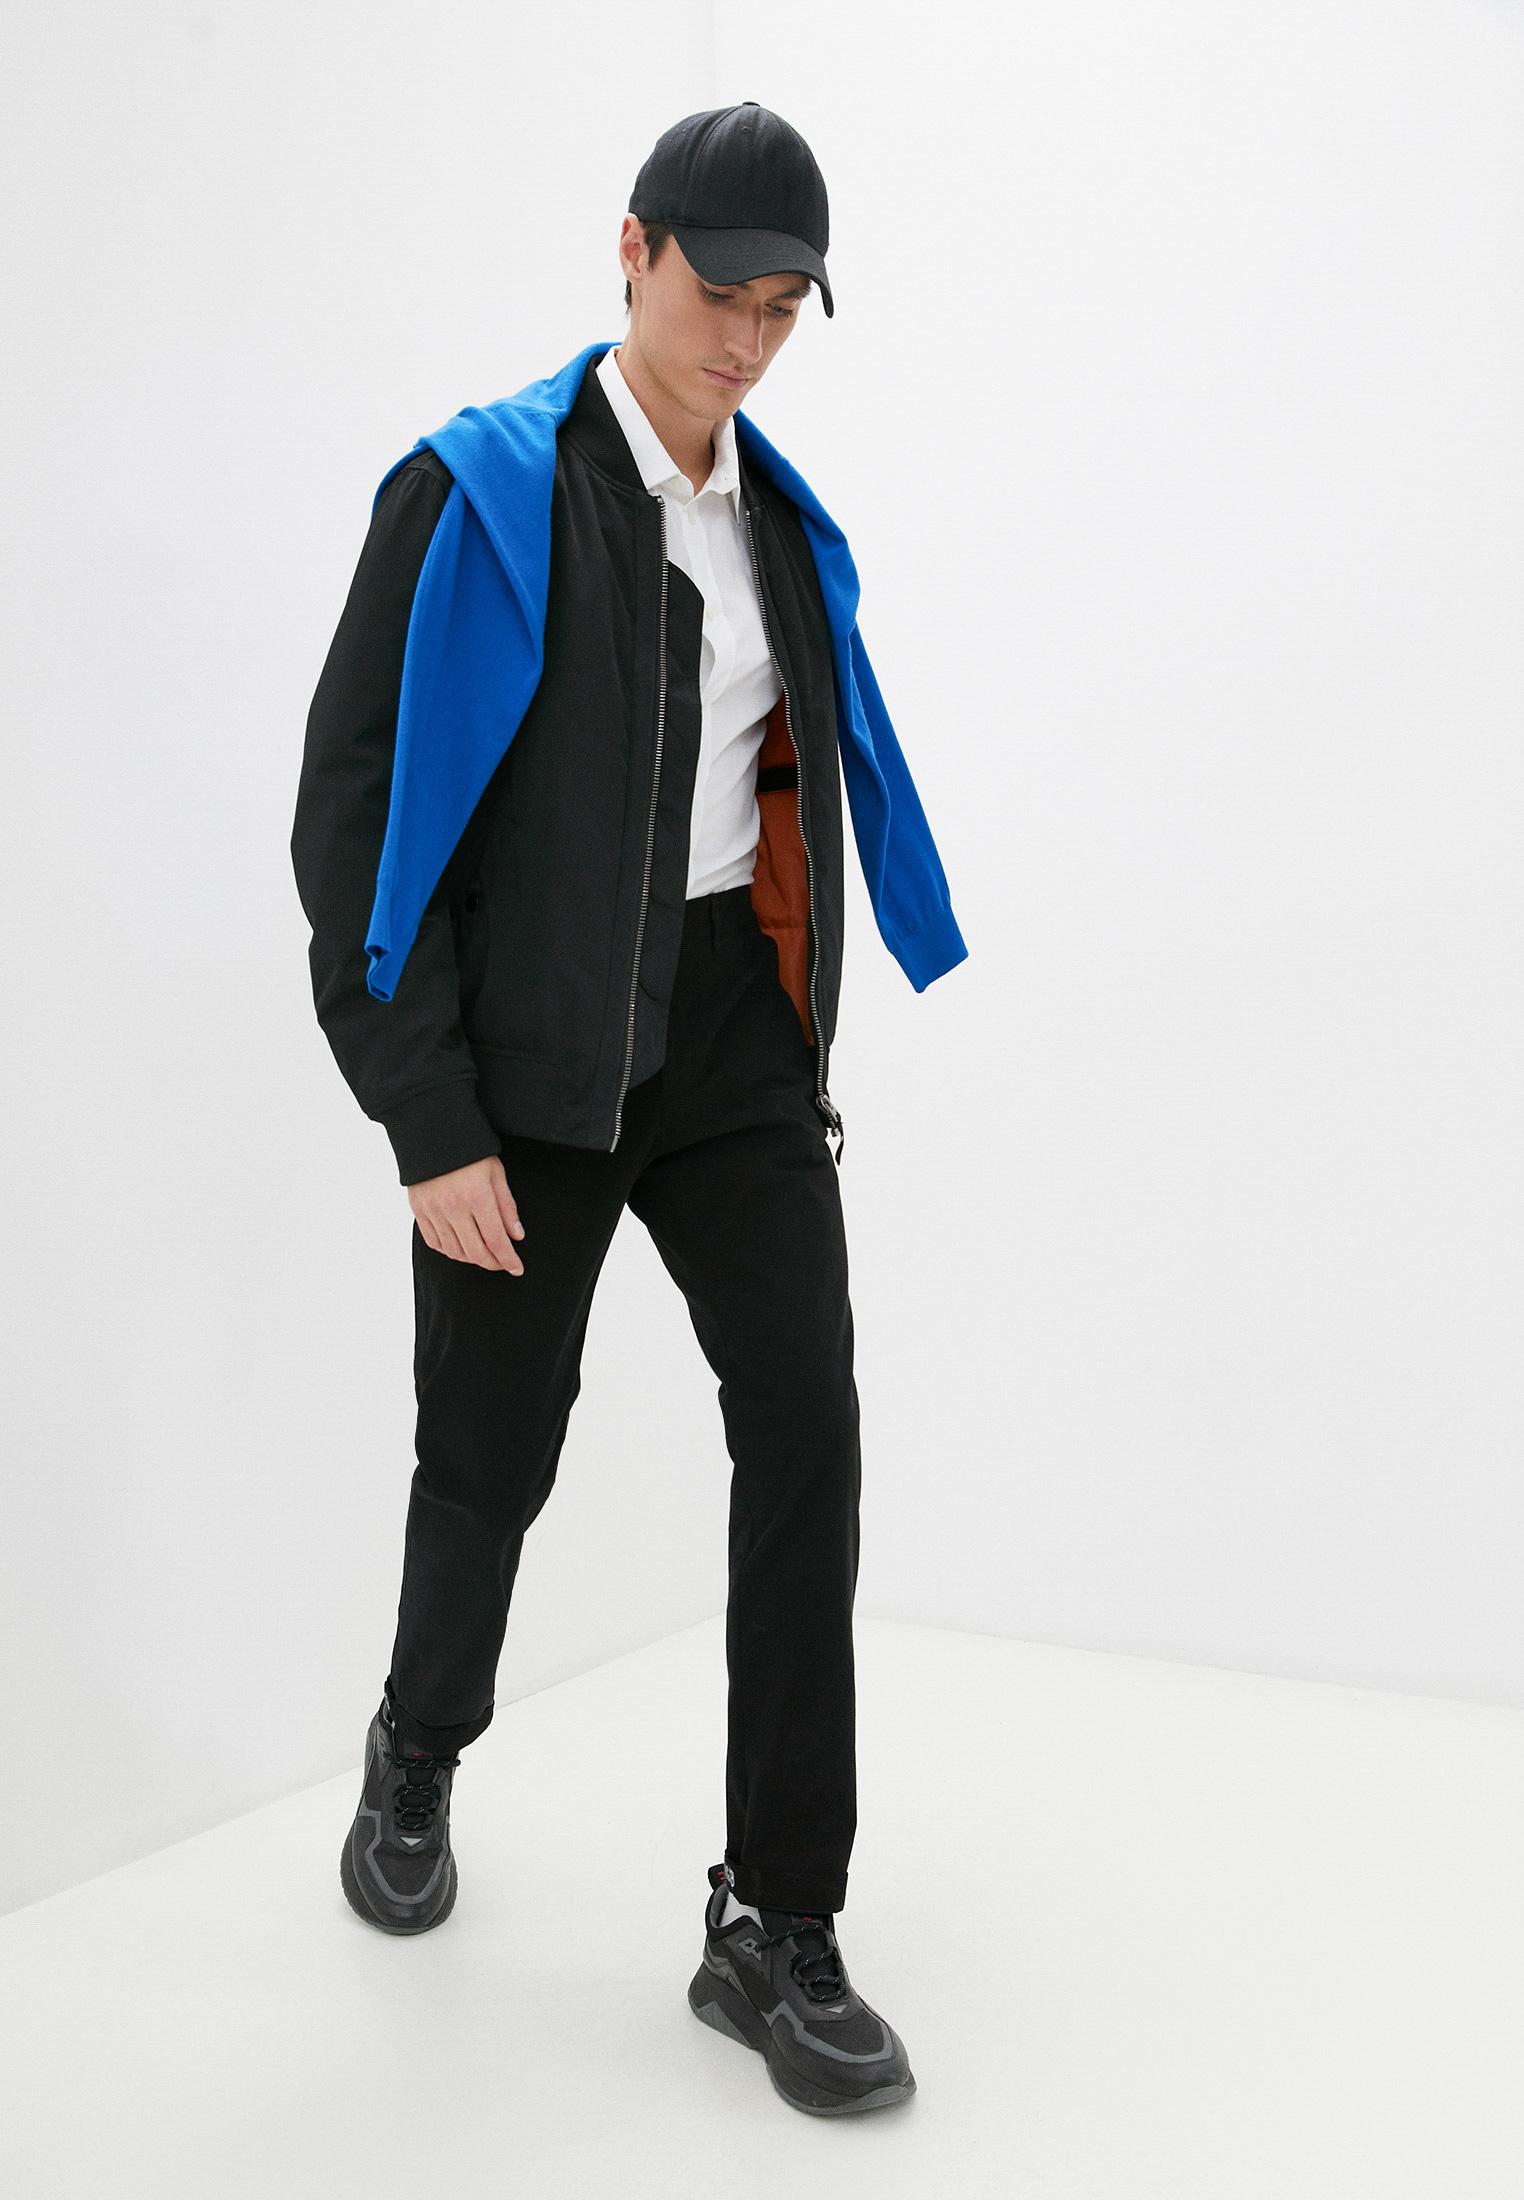 Мужские повседневные брюки Bikkembergs (Биккембергс) C P 001 04 S 3472: изображение 8